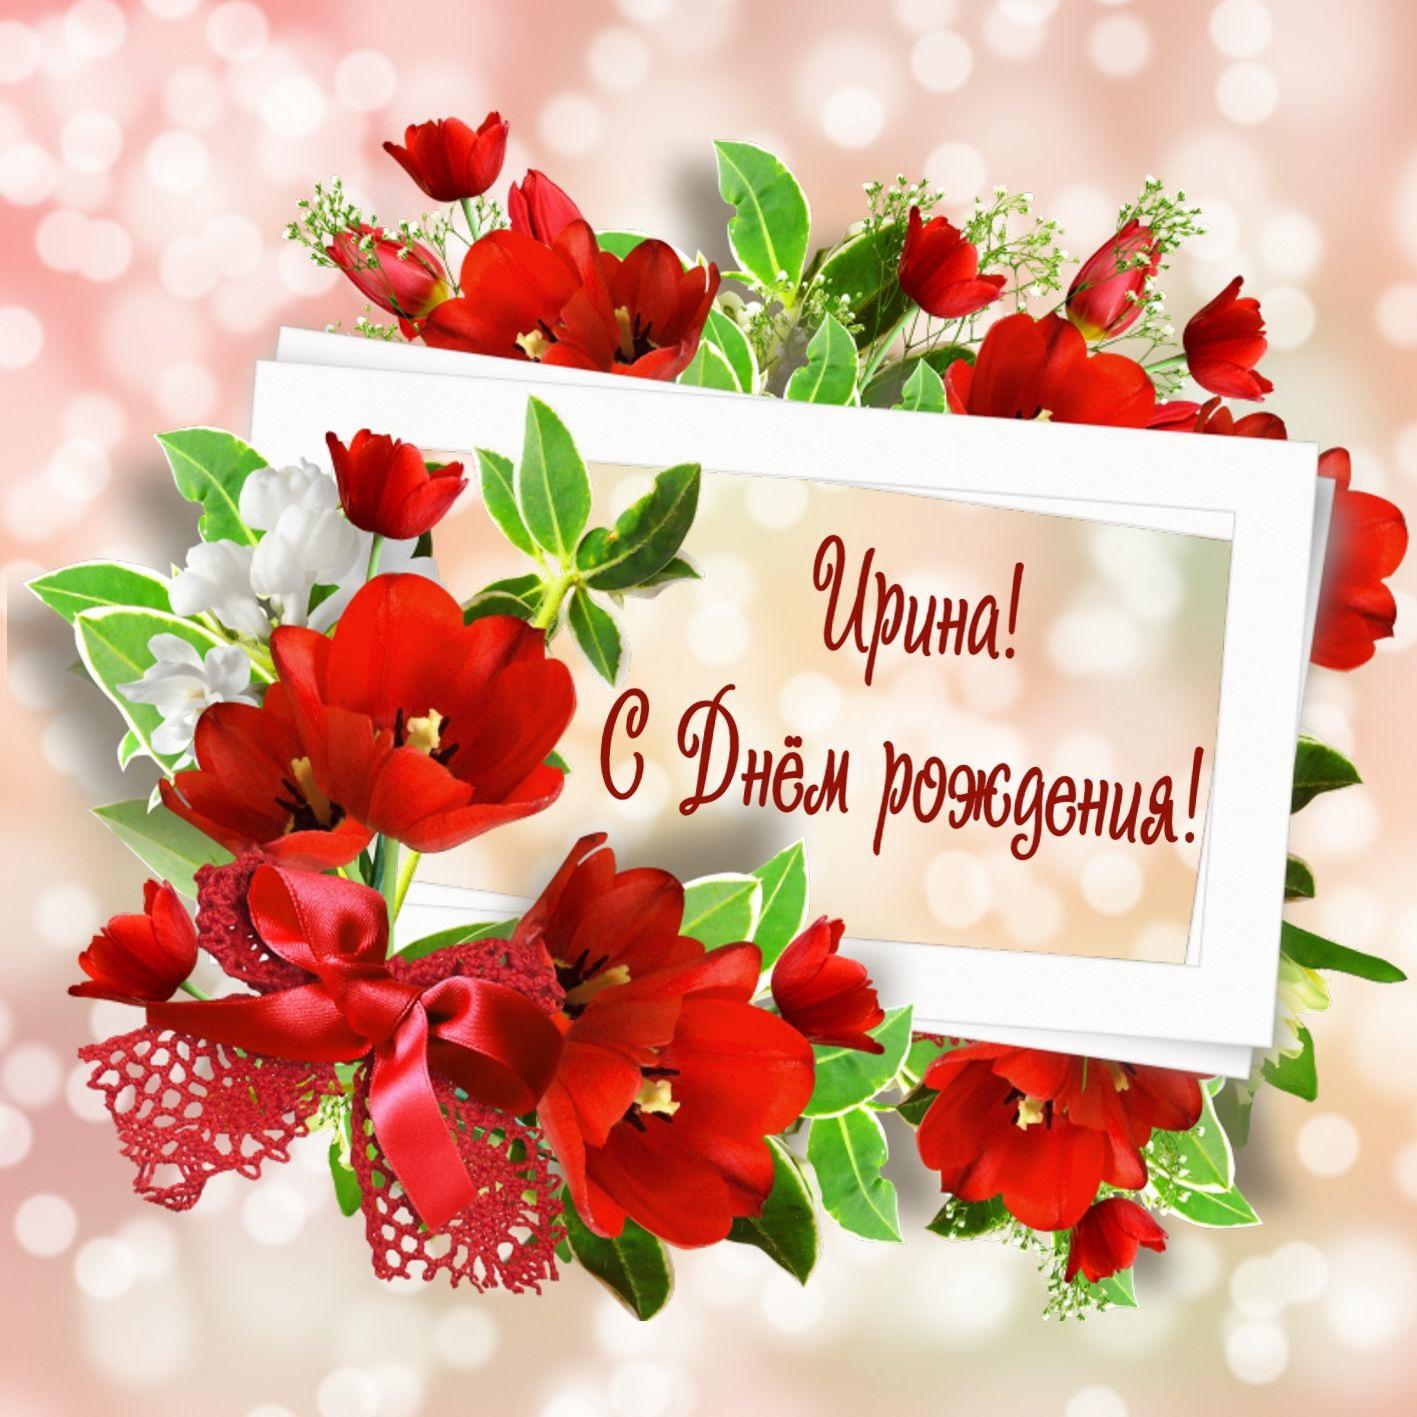 Скачать поздравительную открытку красивой женщине Ирине 03